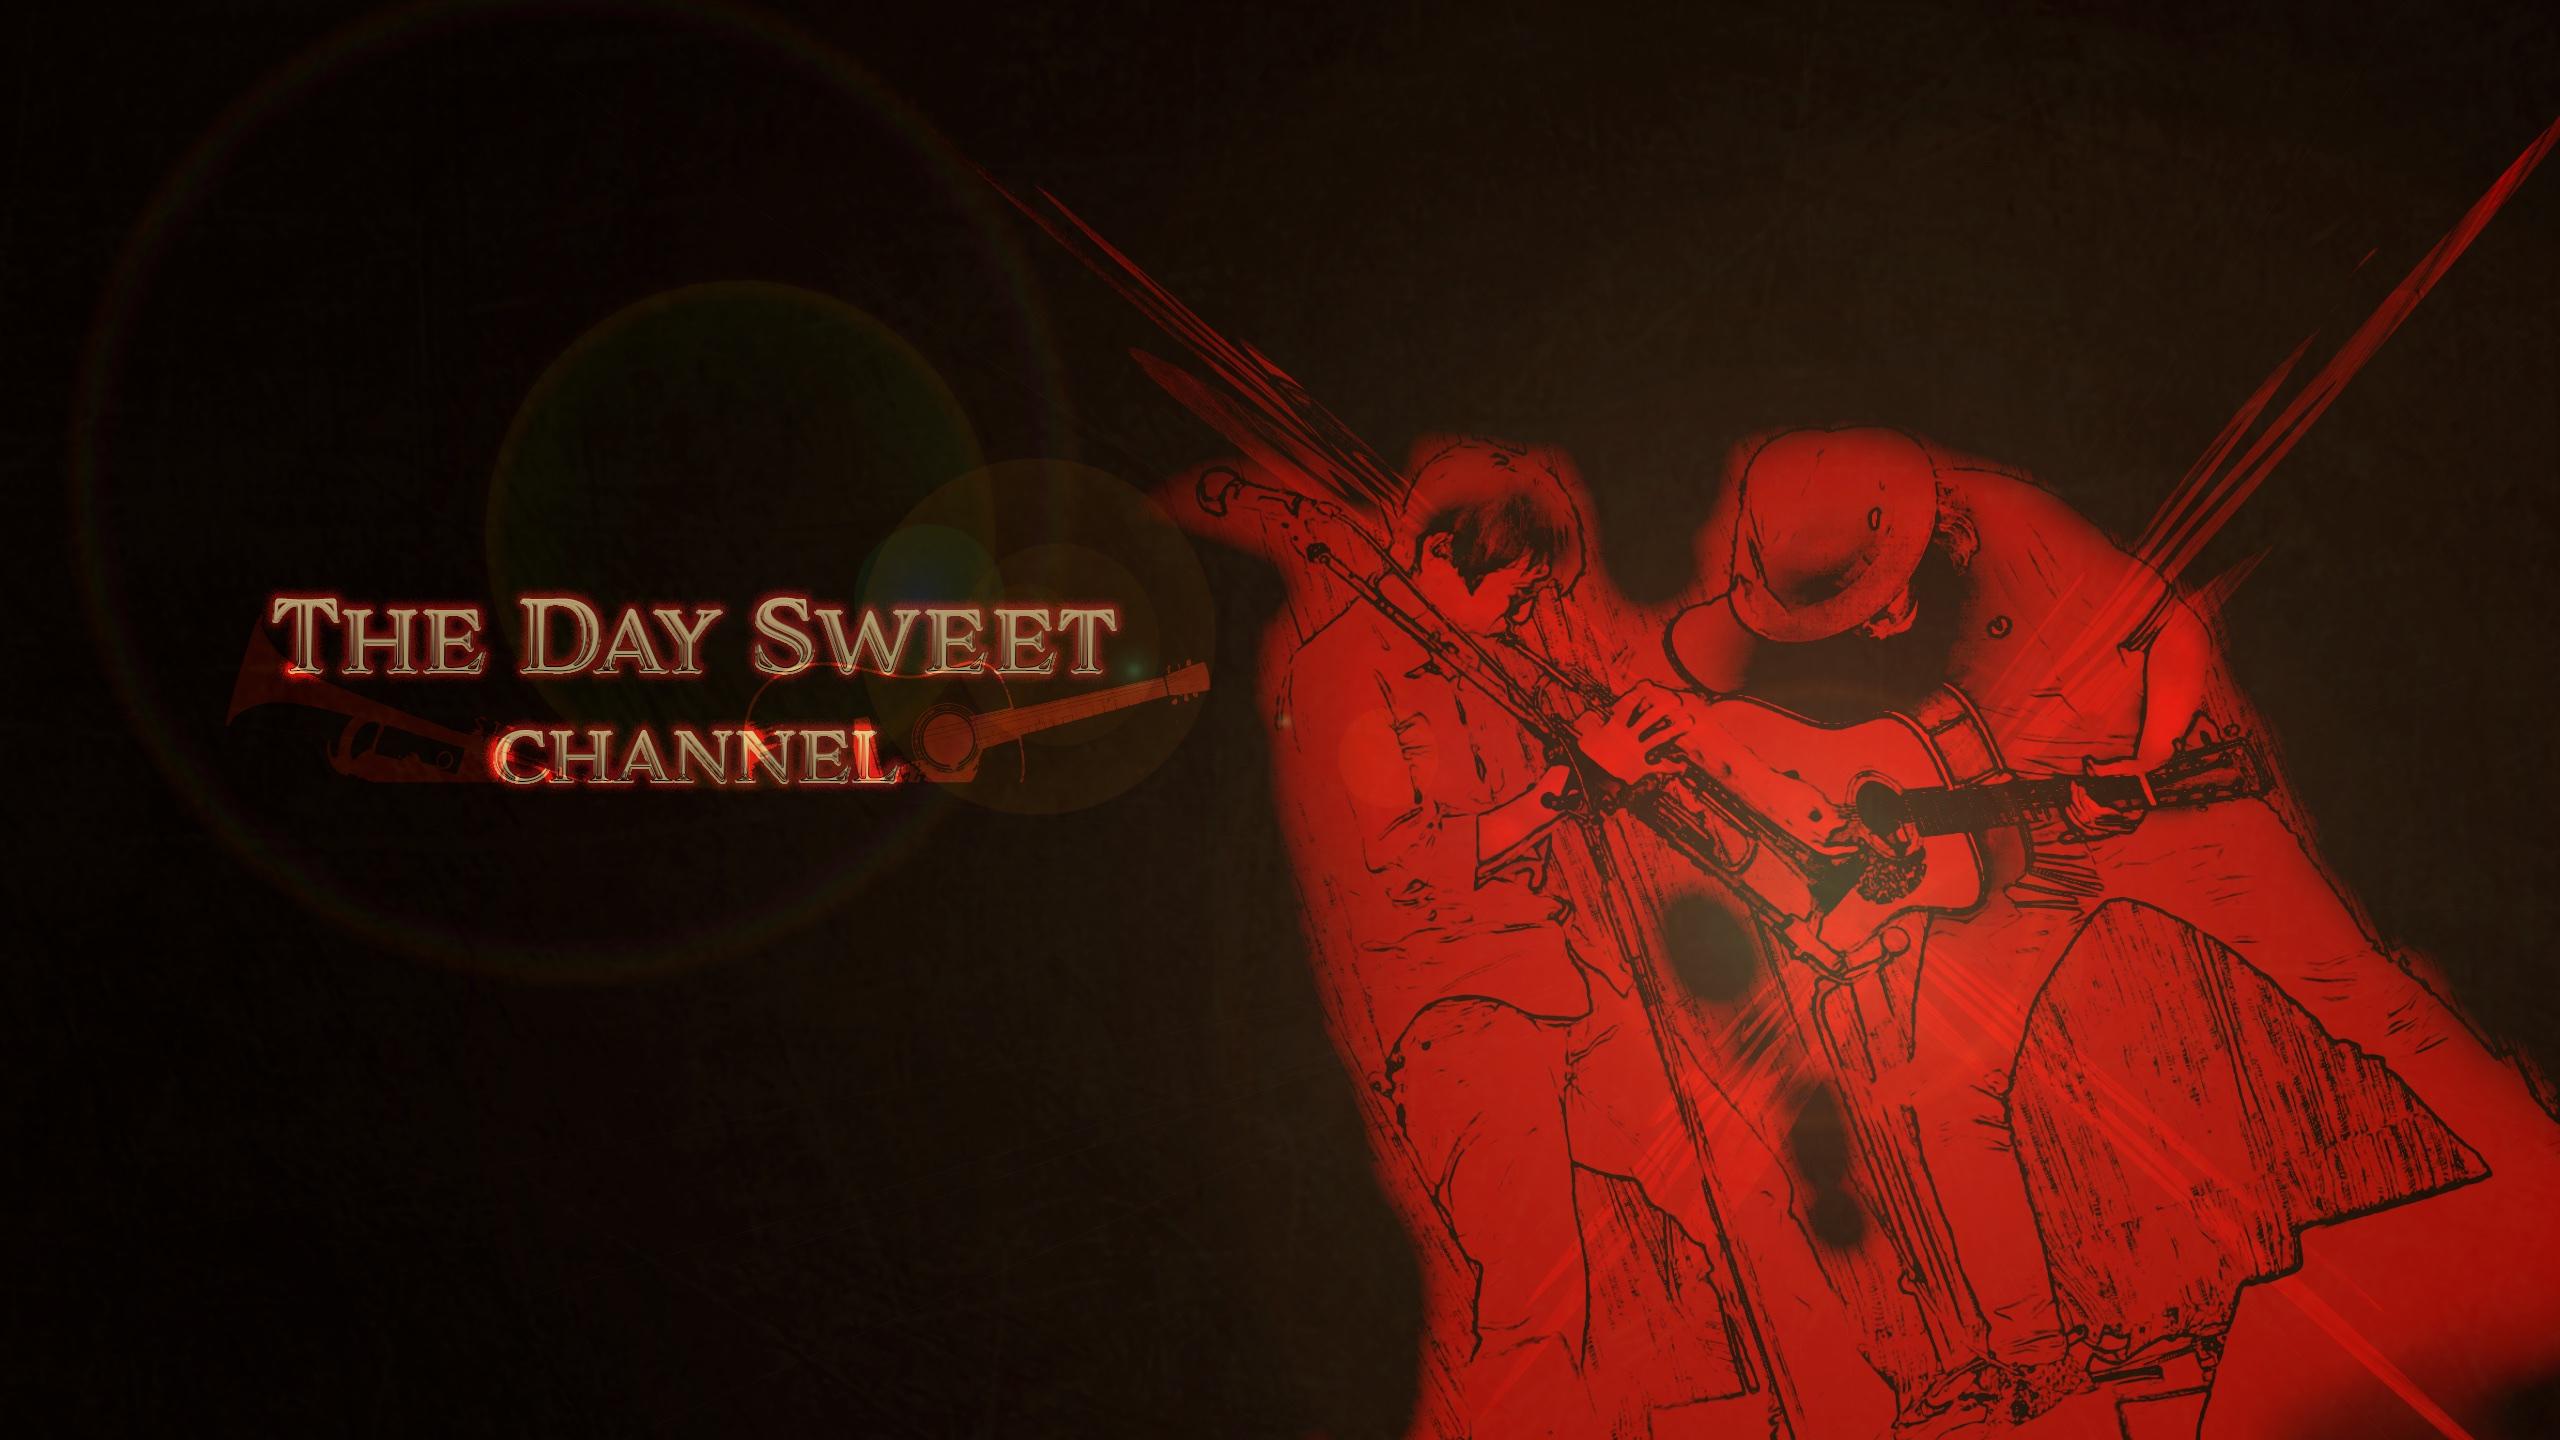 2020年12月11日(金) The Day Sweet ライブ 〜スィートな再会〜 同時配信開催!